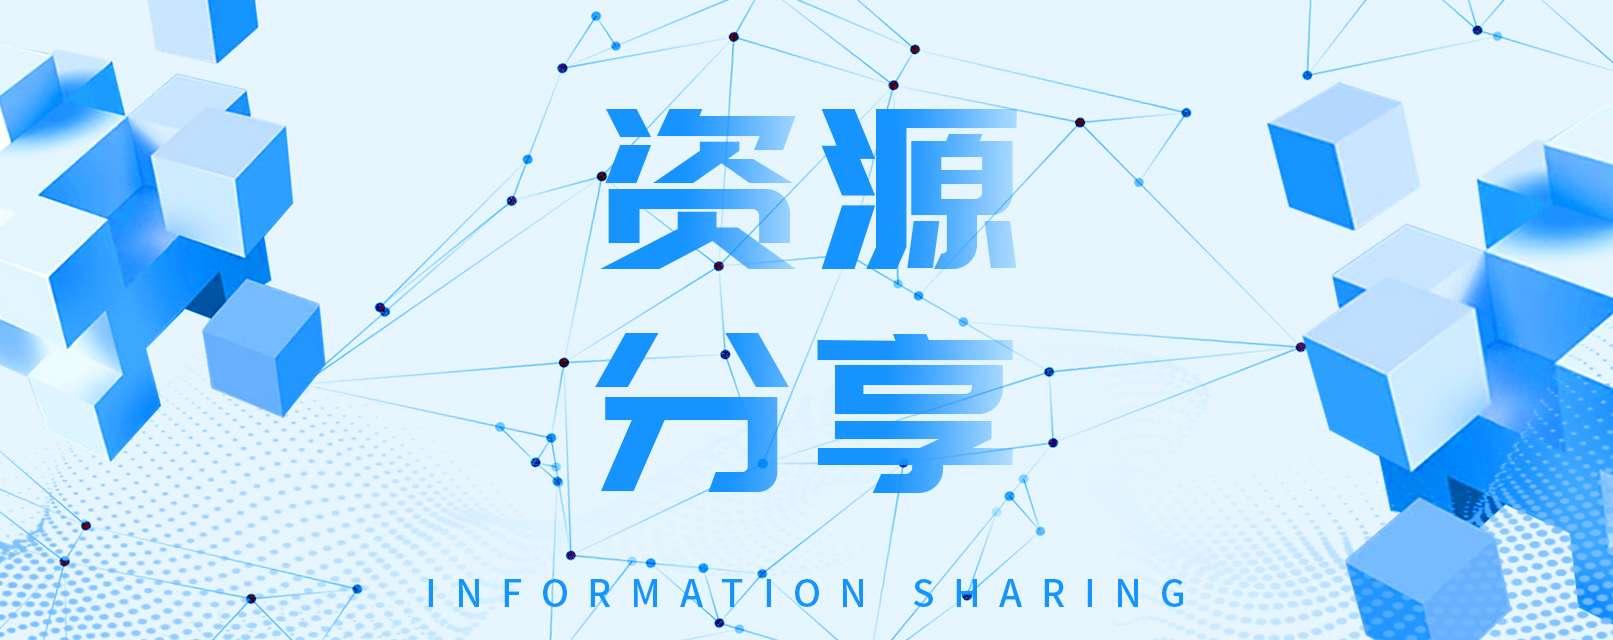 【资源分享】QQ活动盒子(活动合计)